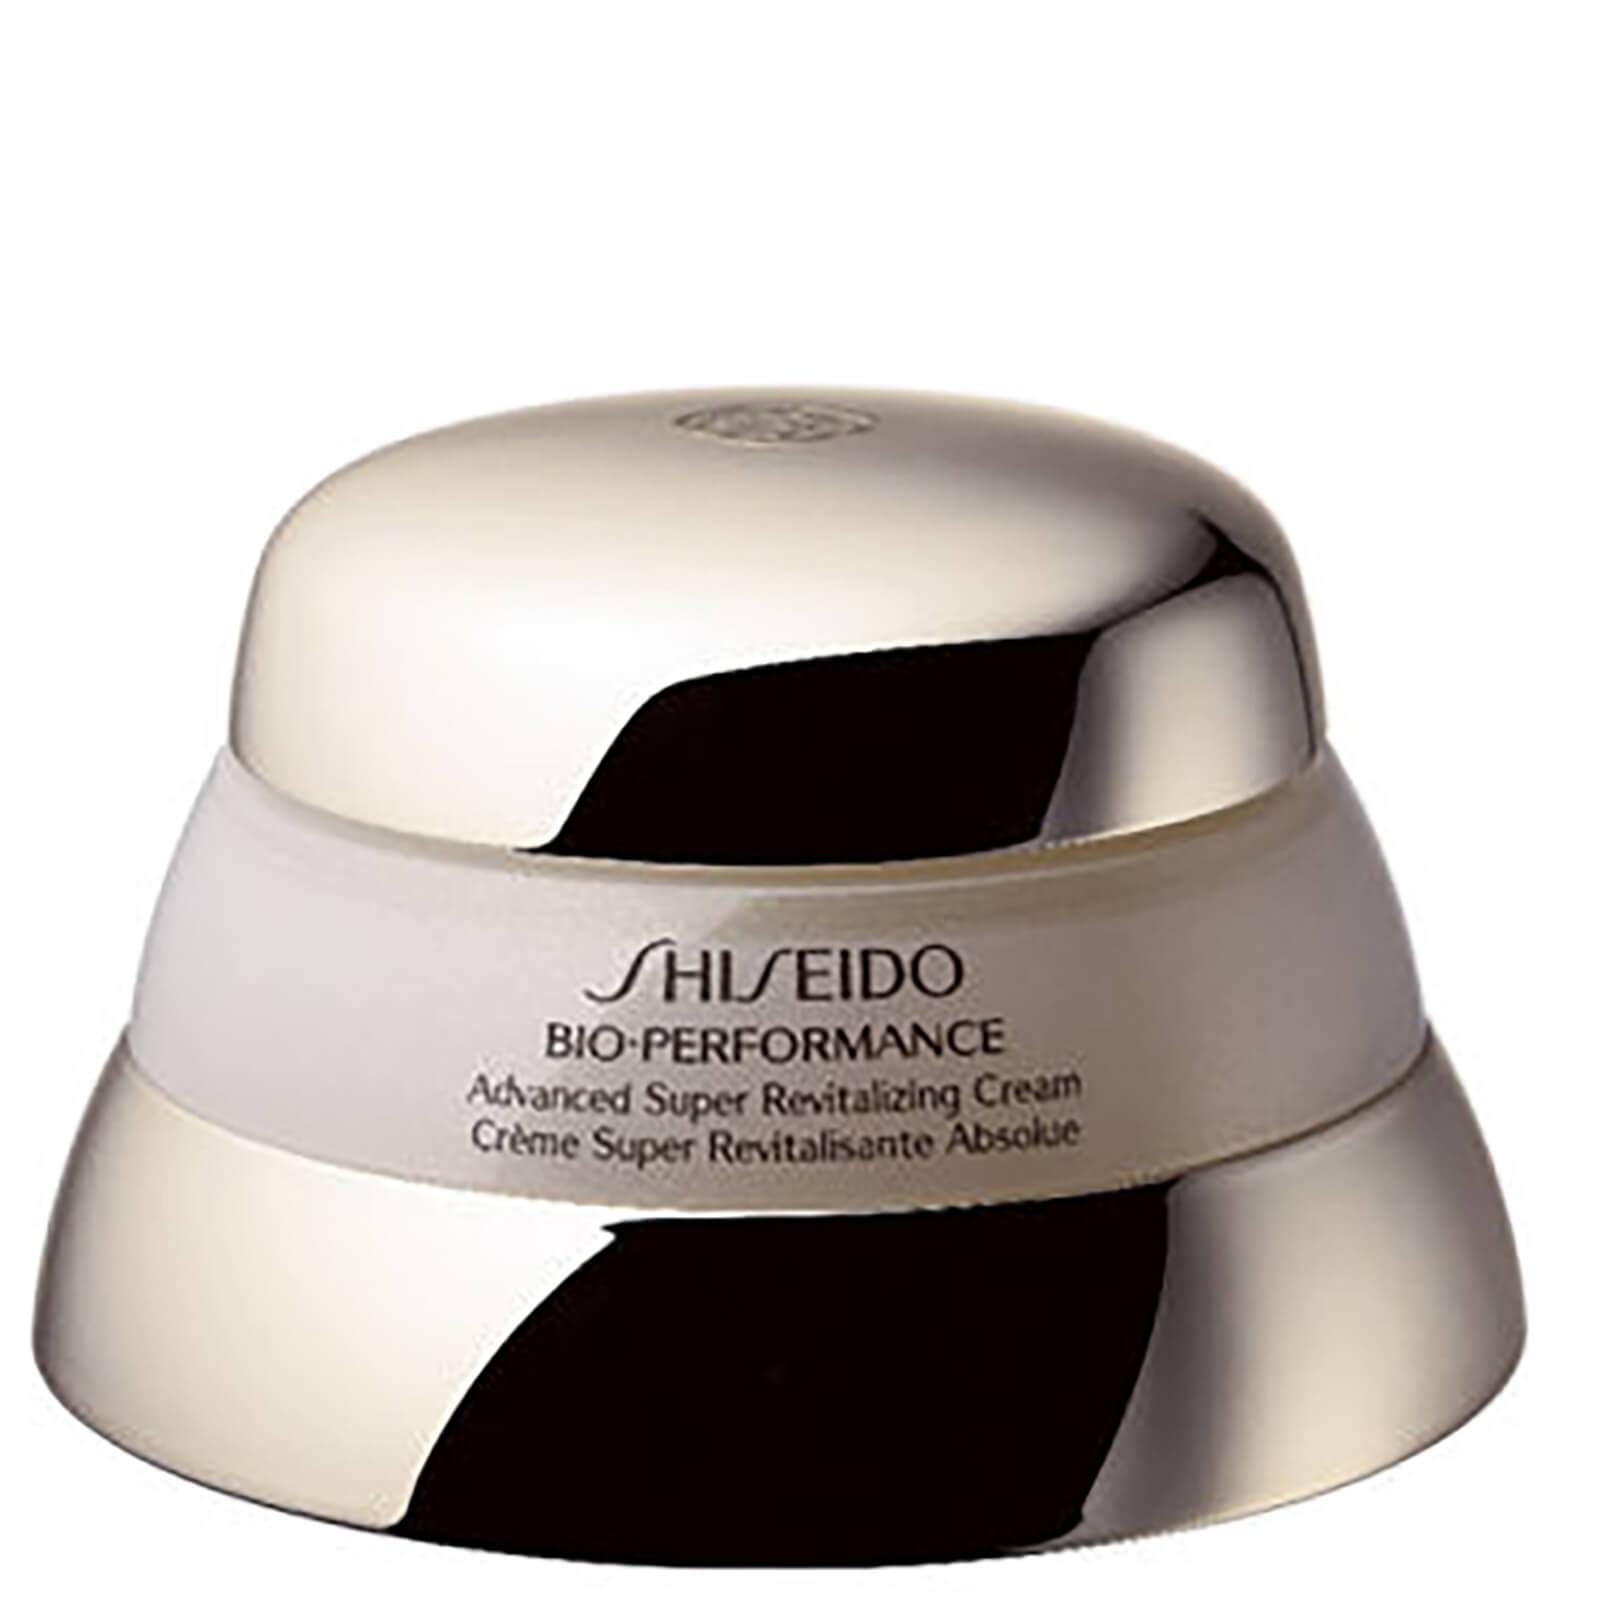 Shiseido BioPerformance Advanced Super Revitalizing Cream (50ml)